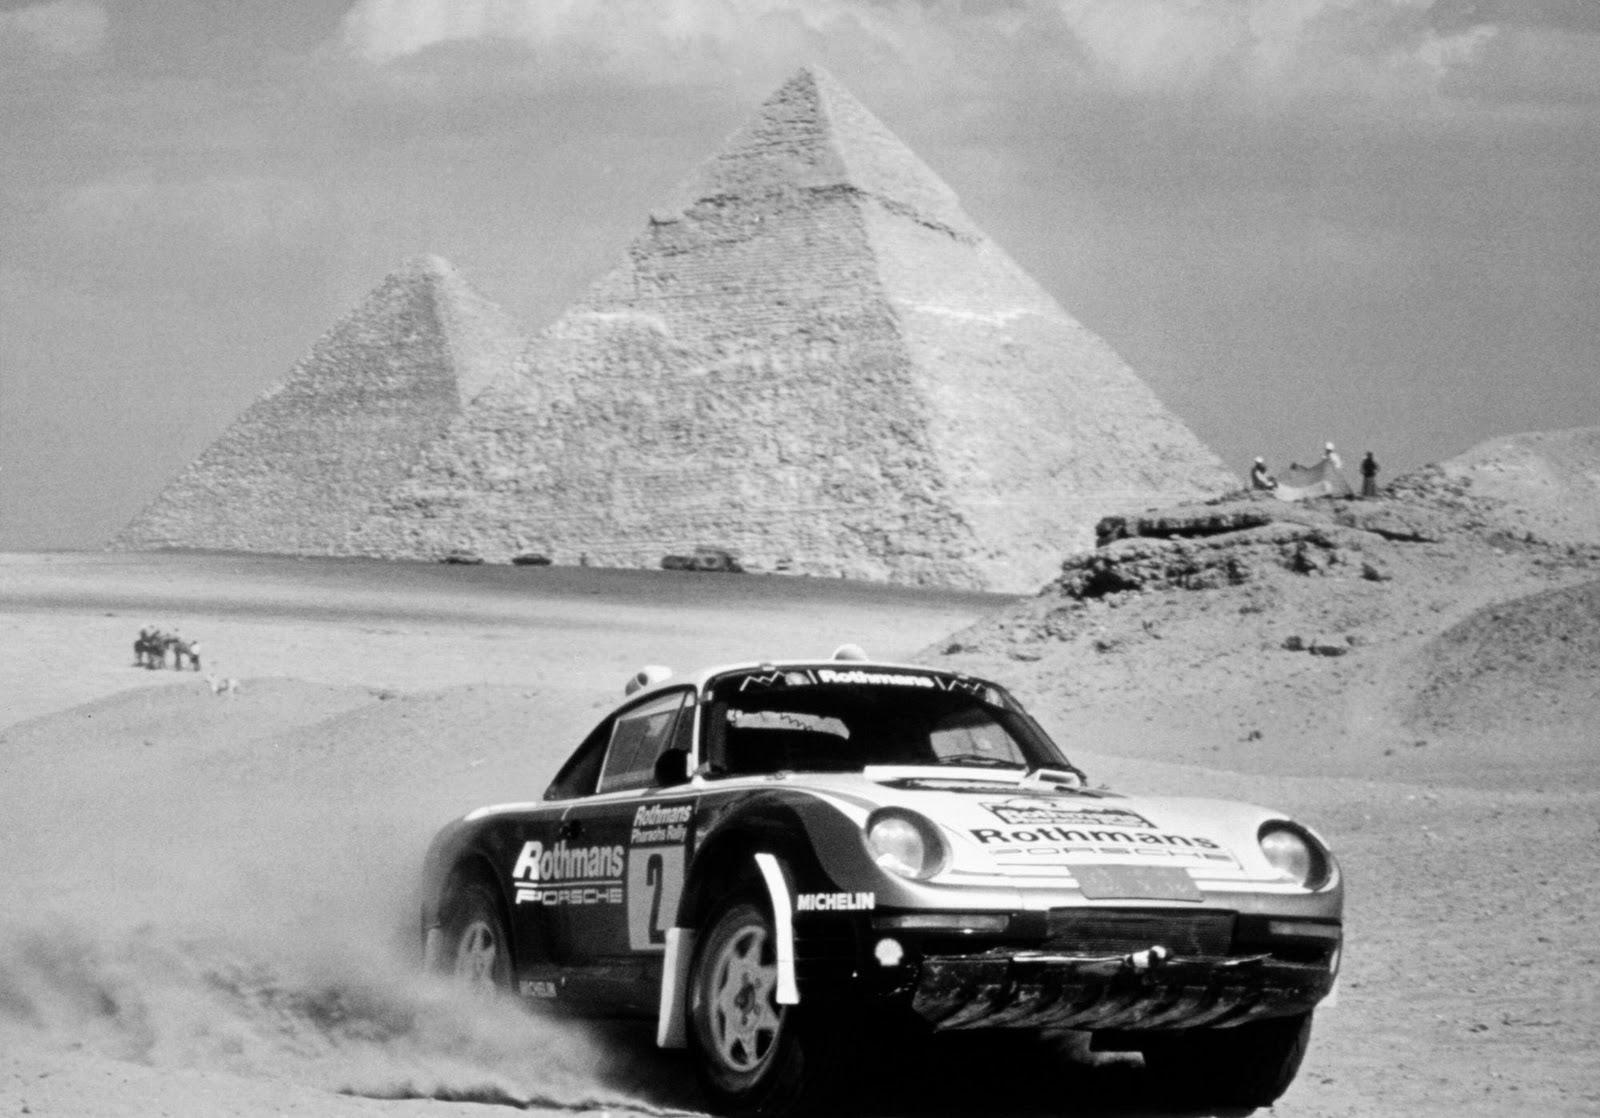 Порше, Porsche, car rally, old photo, обои для рабочего стола, фото скачать